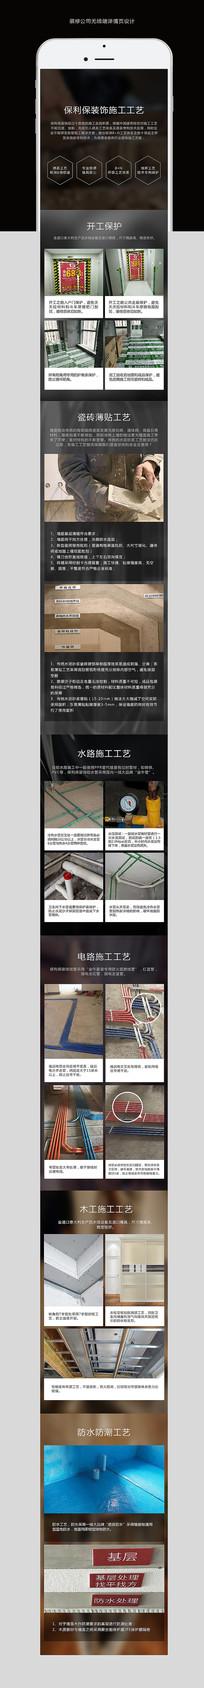 装修公司施工工艺手机端设计